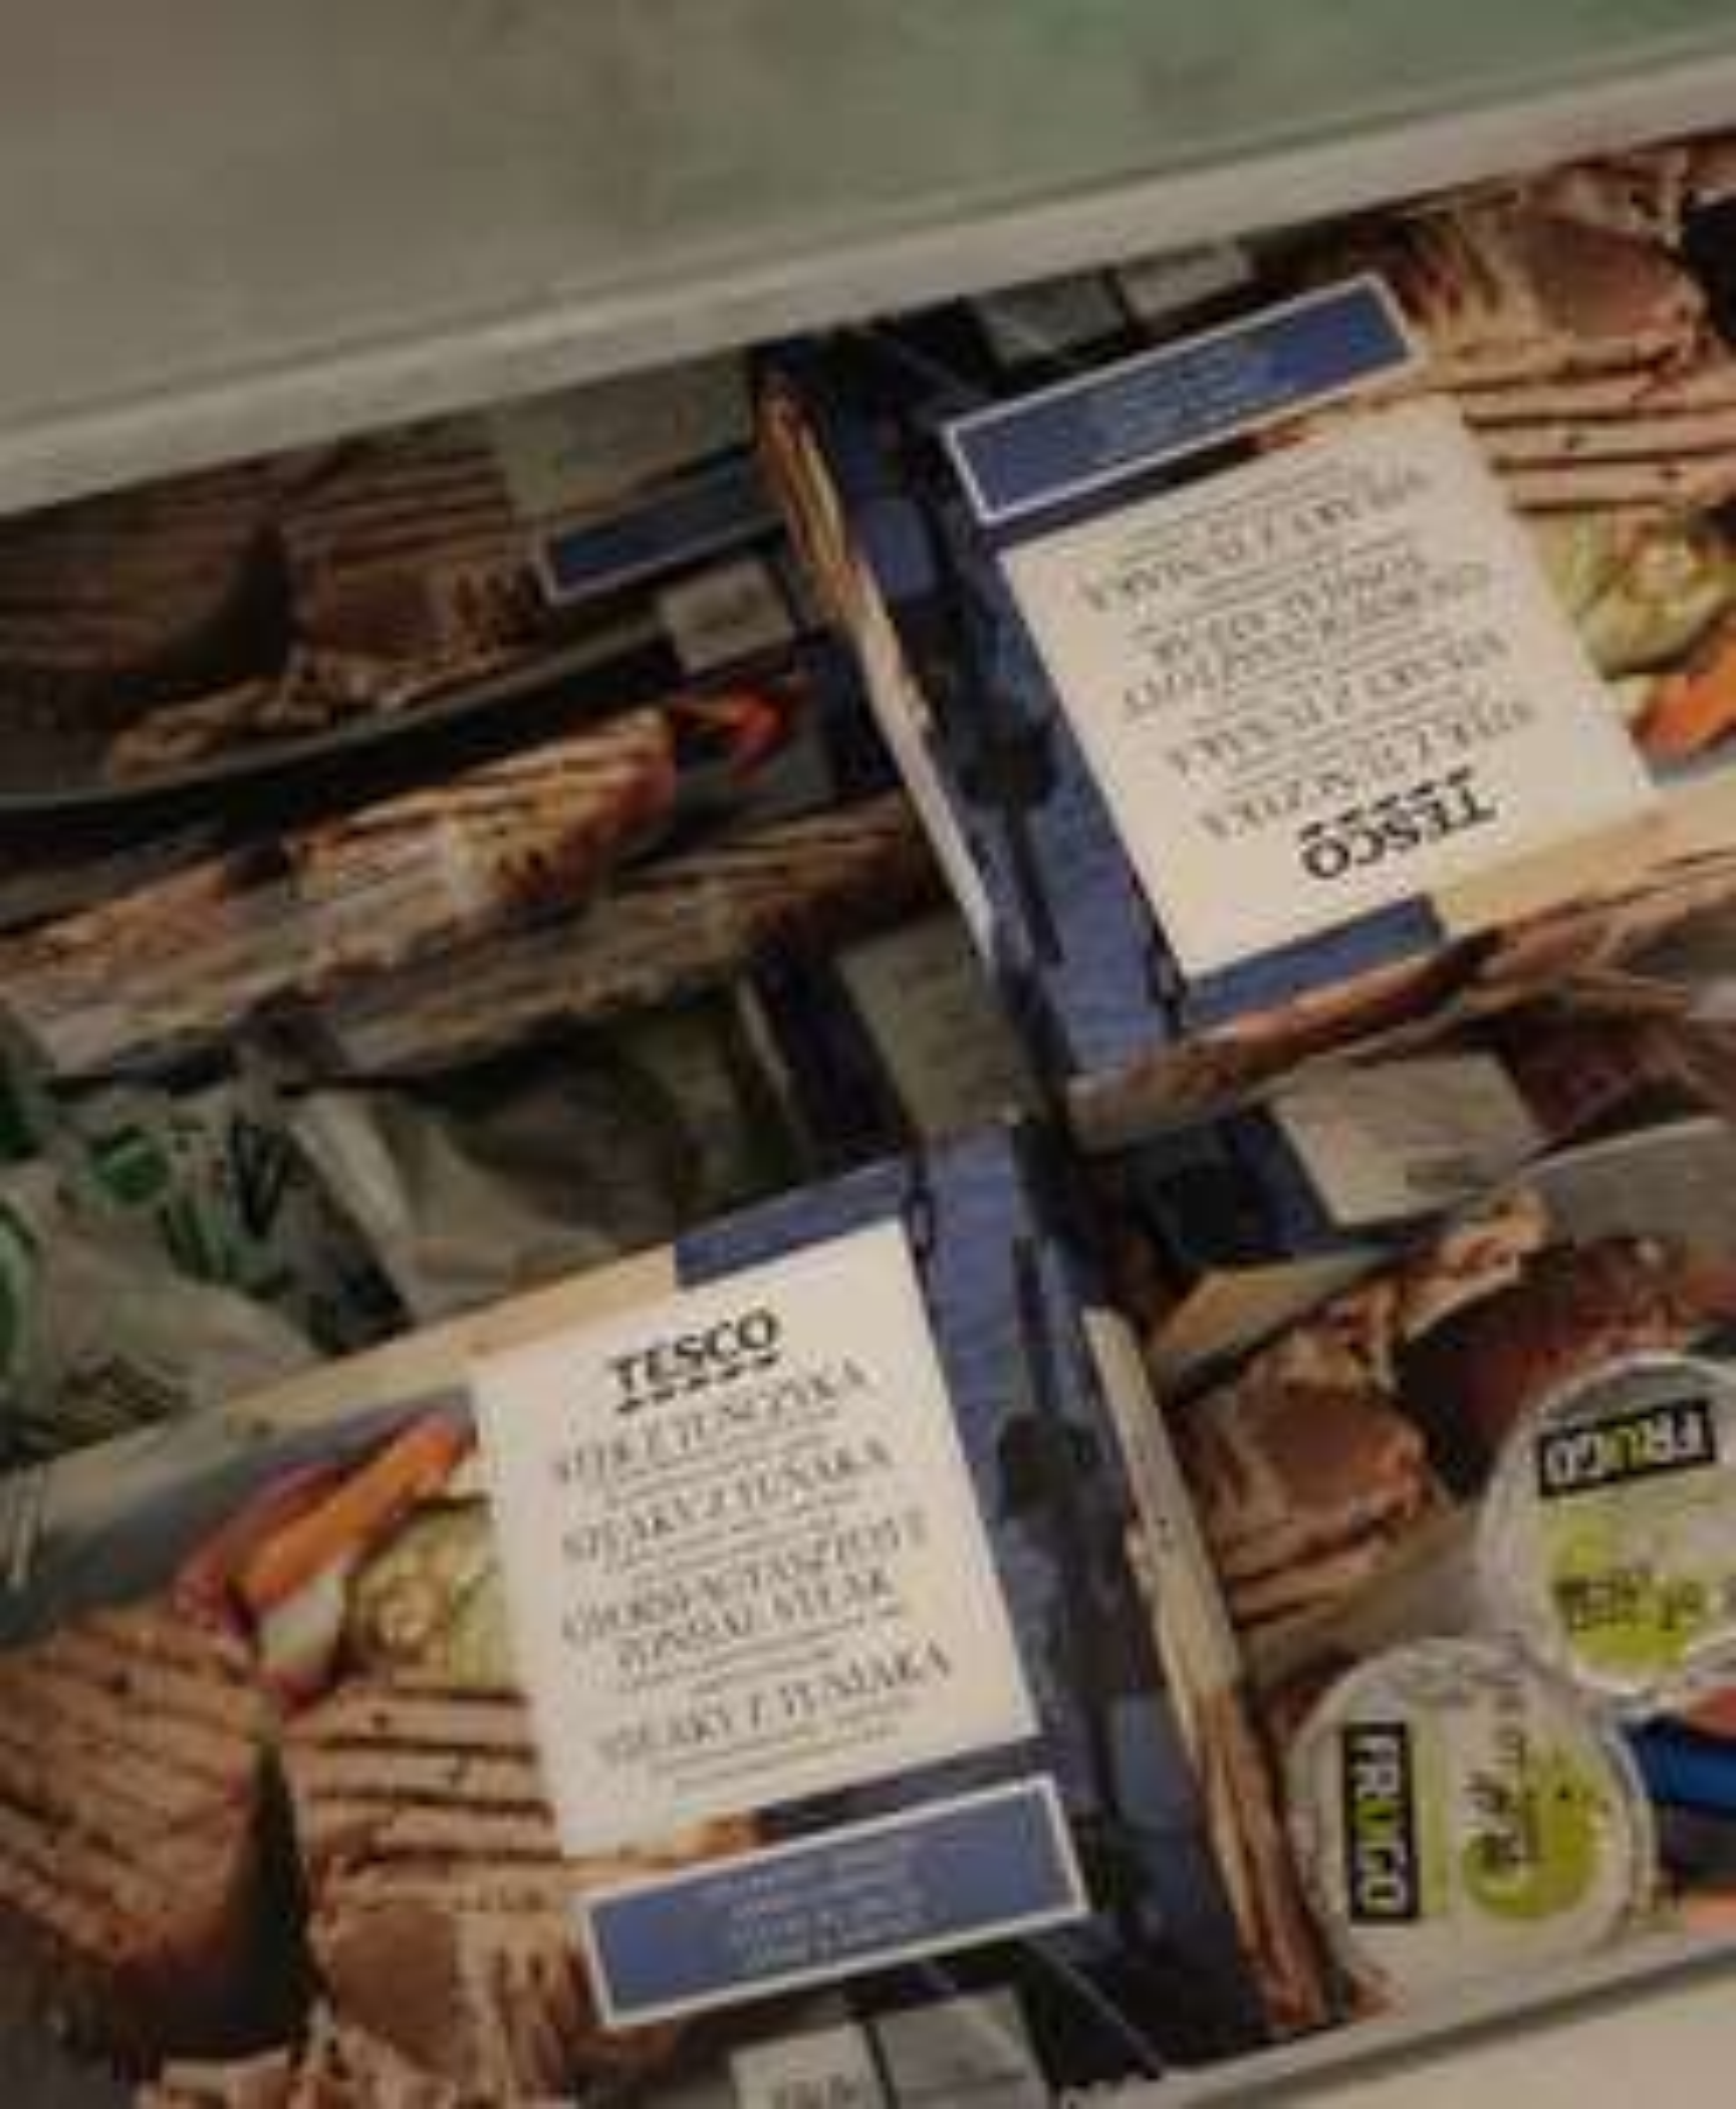 Steki z tuńczyka /Tesco /Błąd cenowy?